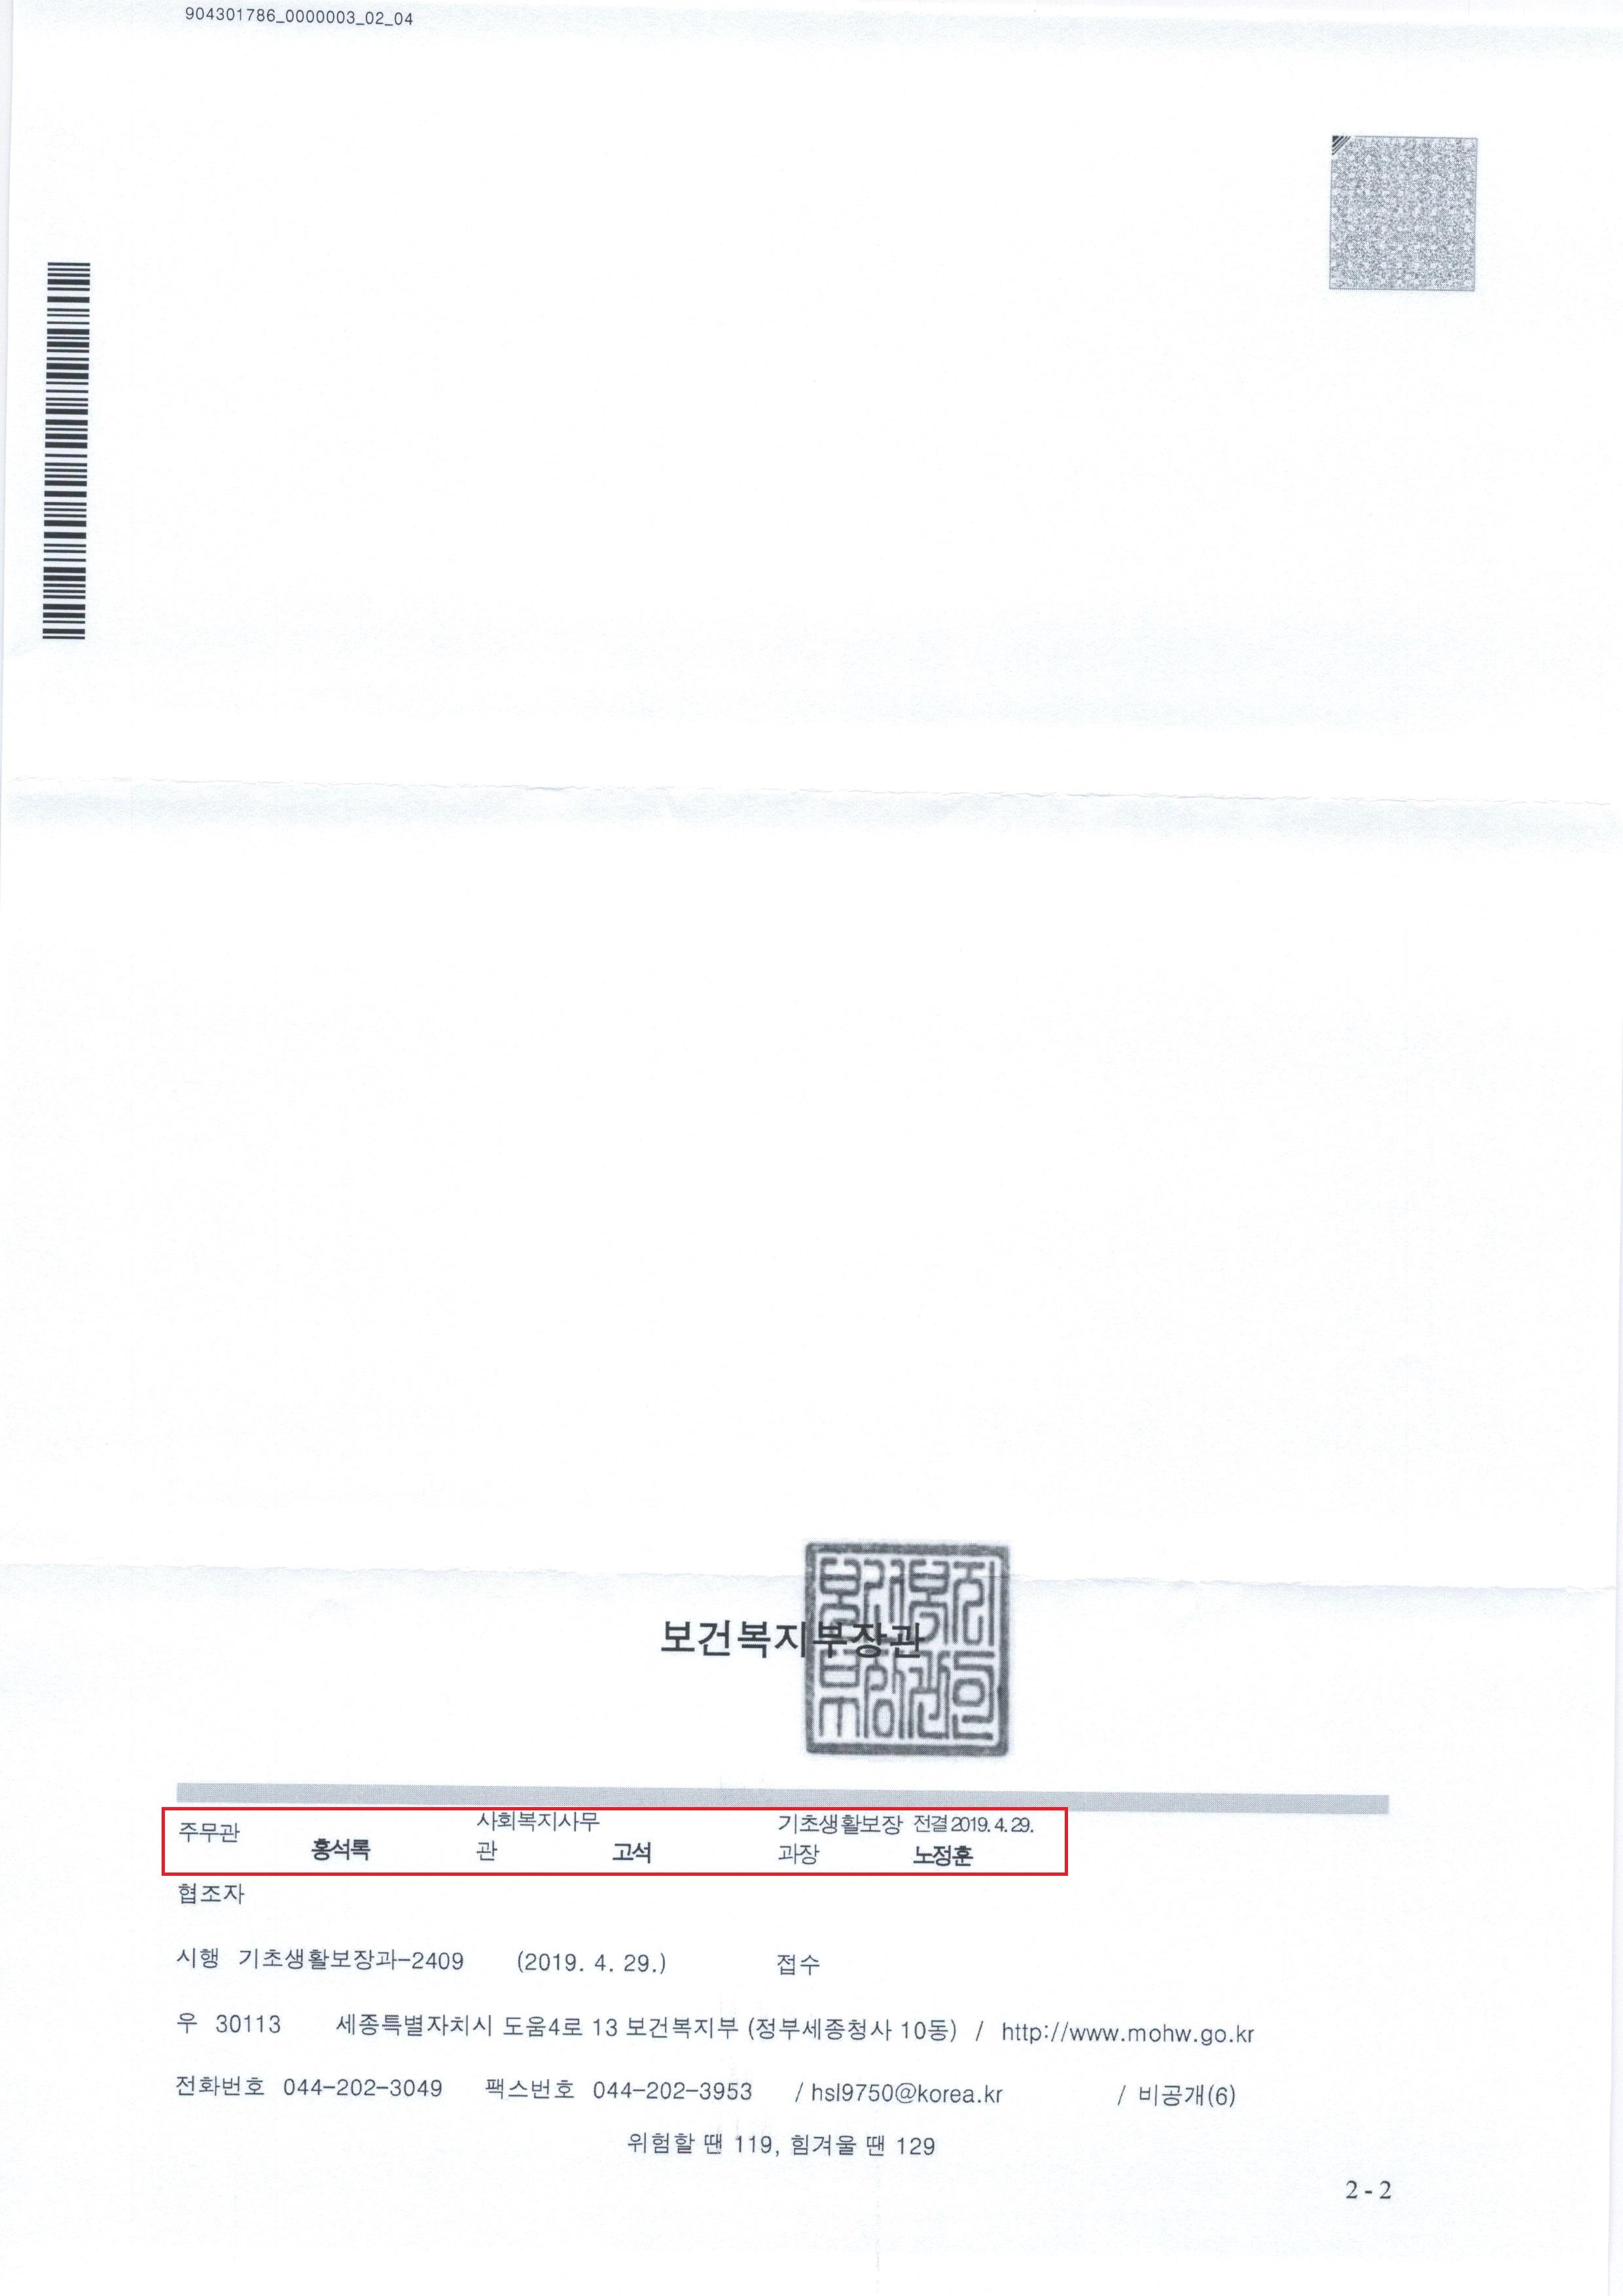 보건복지부 기초생활보장과-2409(2019.4.29)호_생계급여삭감부당답변2_수정.jpg